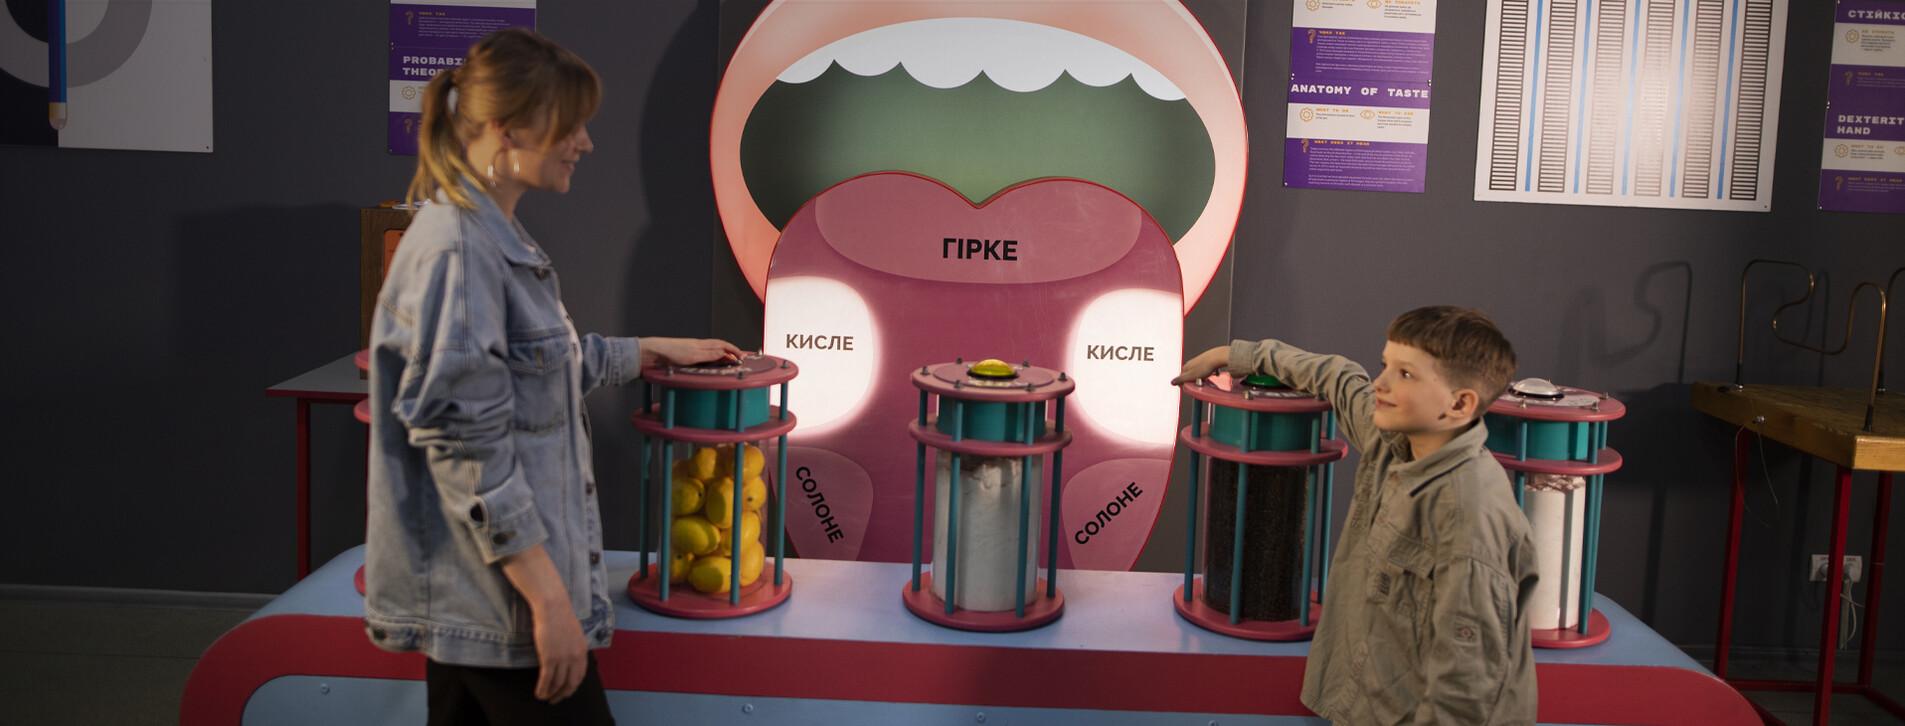 Фото 1 - Детский музей науки «Экспериментаниум» для семьи